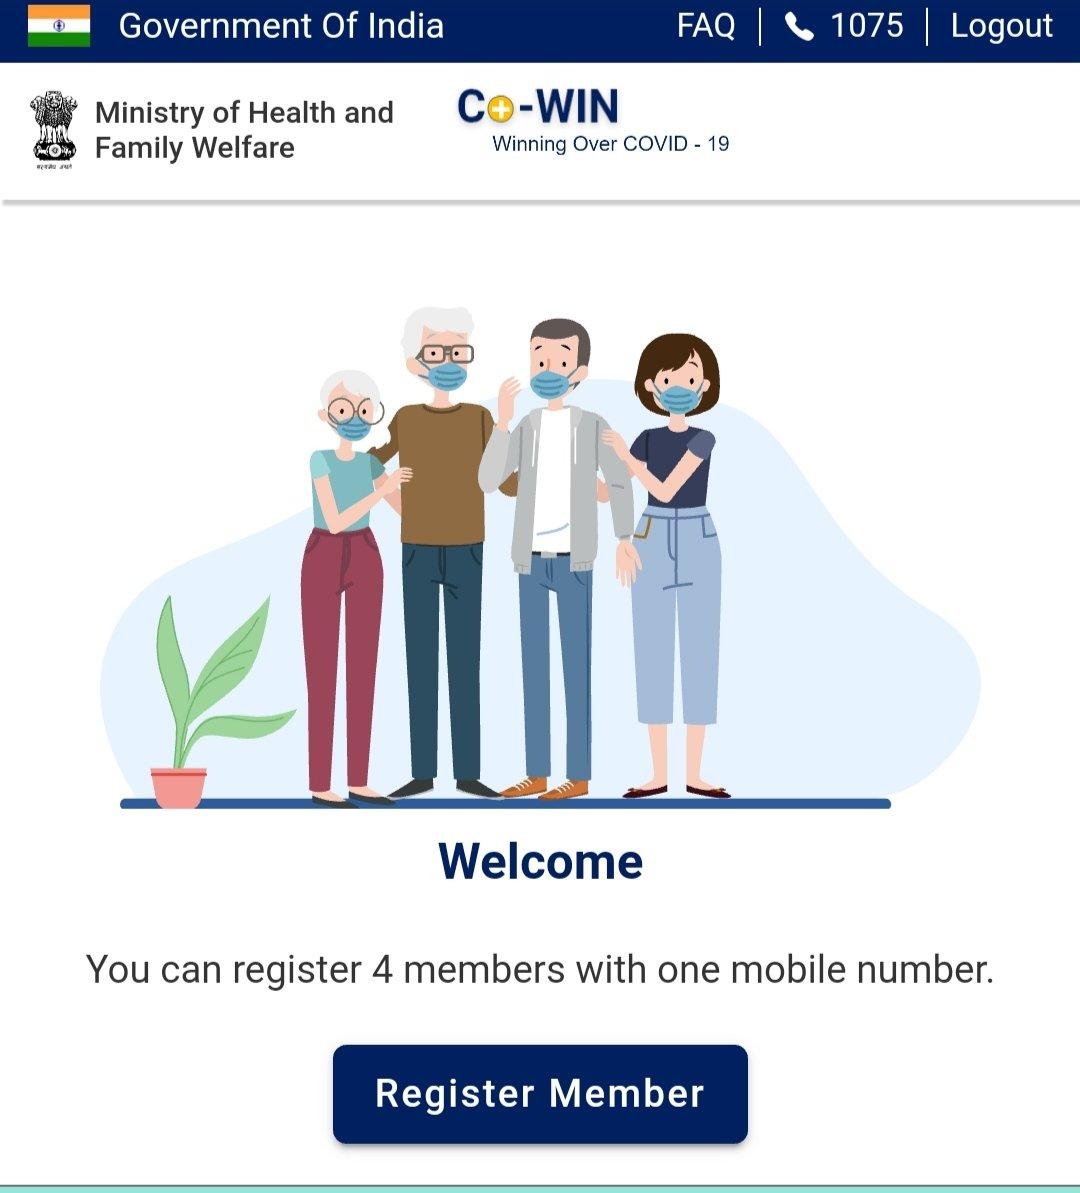 Covid Vaccination Registration संपूर्ण भारत वर्ष में 1 मई 2021 से 18 प्लस आयु वर्ग के नागरिकों<div class=